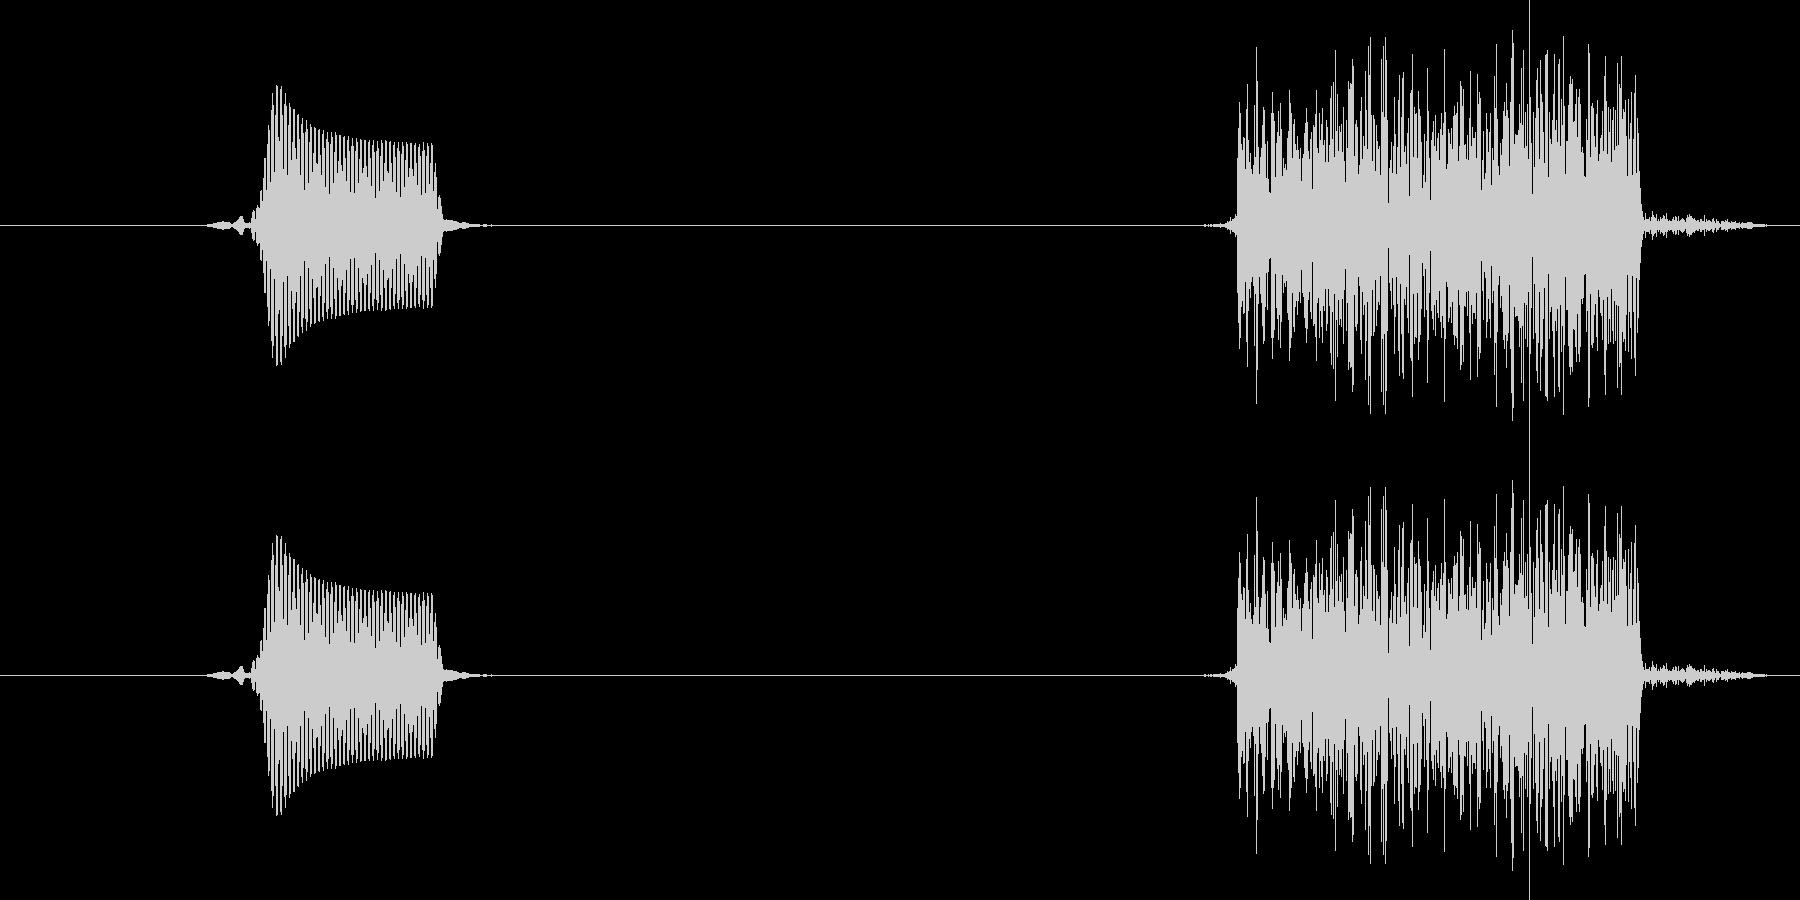 ぽちっ(ボタンスイッチを押す音)の未再生の波形